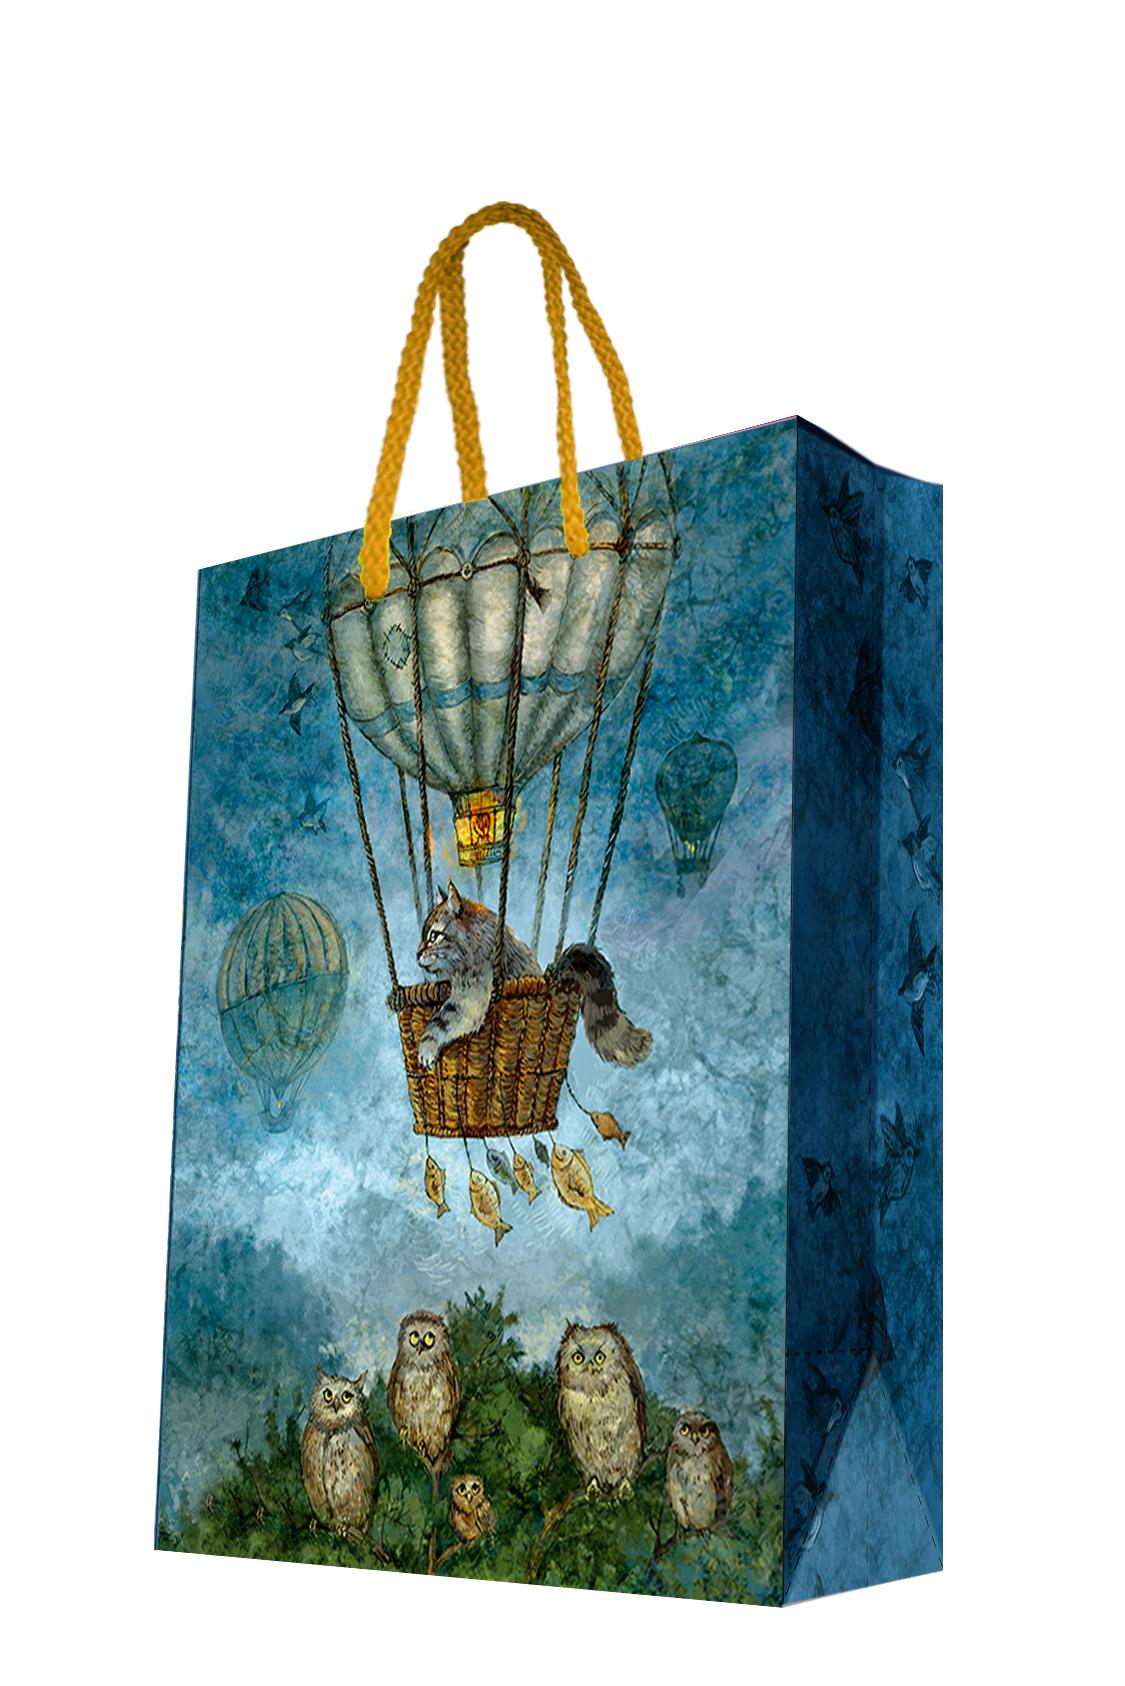 Пакет подарочный Magic Home Кот на воздушном шаре, 17,8 х 22,9 х 9,8 смNLED-454-9W-BKБумажный подарочный пакет Magic Home Нотр-Дам, изготовленный из плотной бумаги, станет незаменимым дополнением к выбранному подарку. Дно изделия укреплено картоном, который позволяет сохранить форму пакета и исключает возможность деформации дна под тяжестью подарка. Пакет выполнен с ламинацией, что придает ему прочность, а изображению - яркость и насыщенность цветов. Для удобной переноски имеются две ручки в виде шнурков. Подарок, преподнесенный в оригинальной упаковке, всегда будет самым эффектным и запоминающимся. Окружите близких людей вниманием и заботой, вручив презент в нарядном, праздничном оформлении.Плотность бумаги: 140 г/м2.